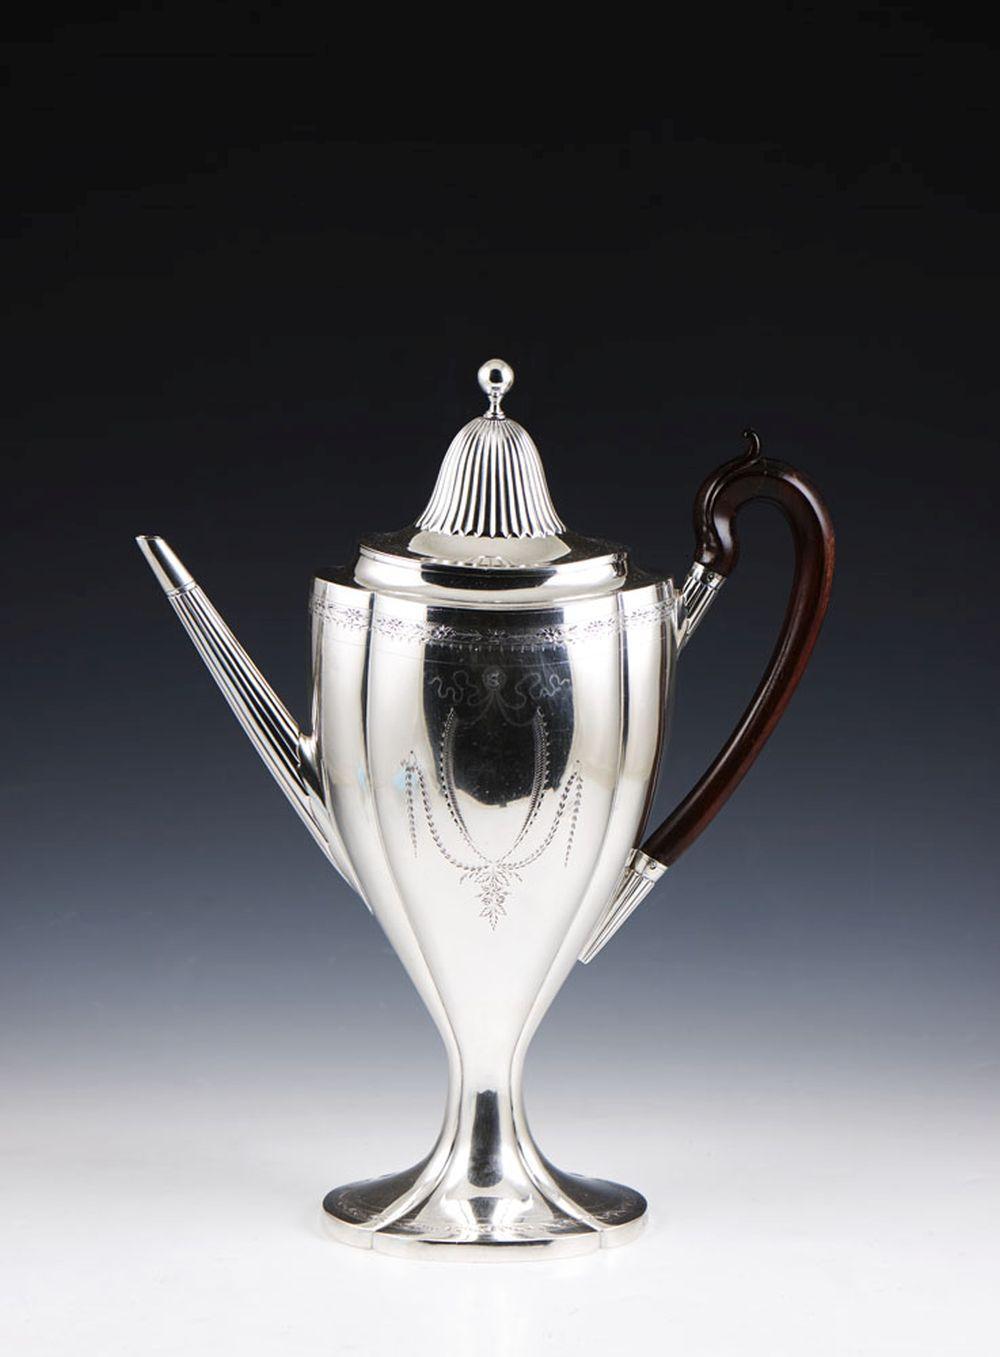 Invulgar cafeteira em prata, séc. XIX, P. 1278 g.